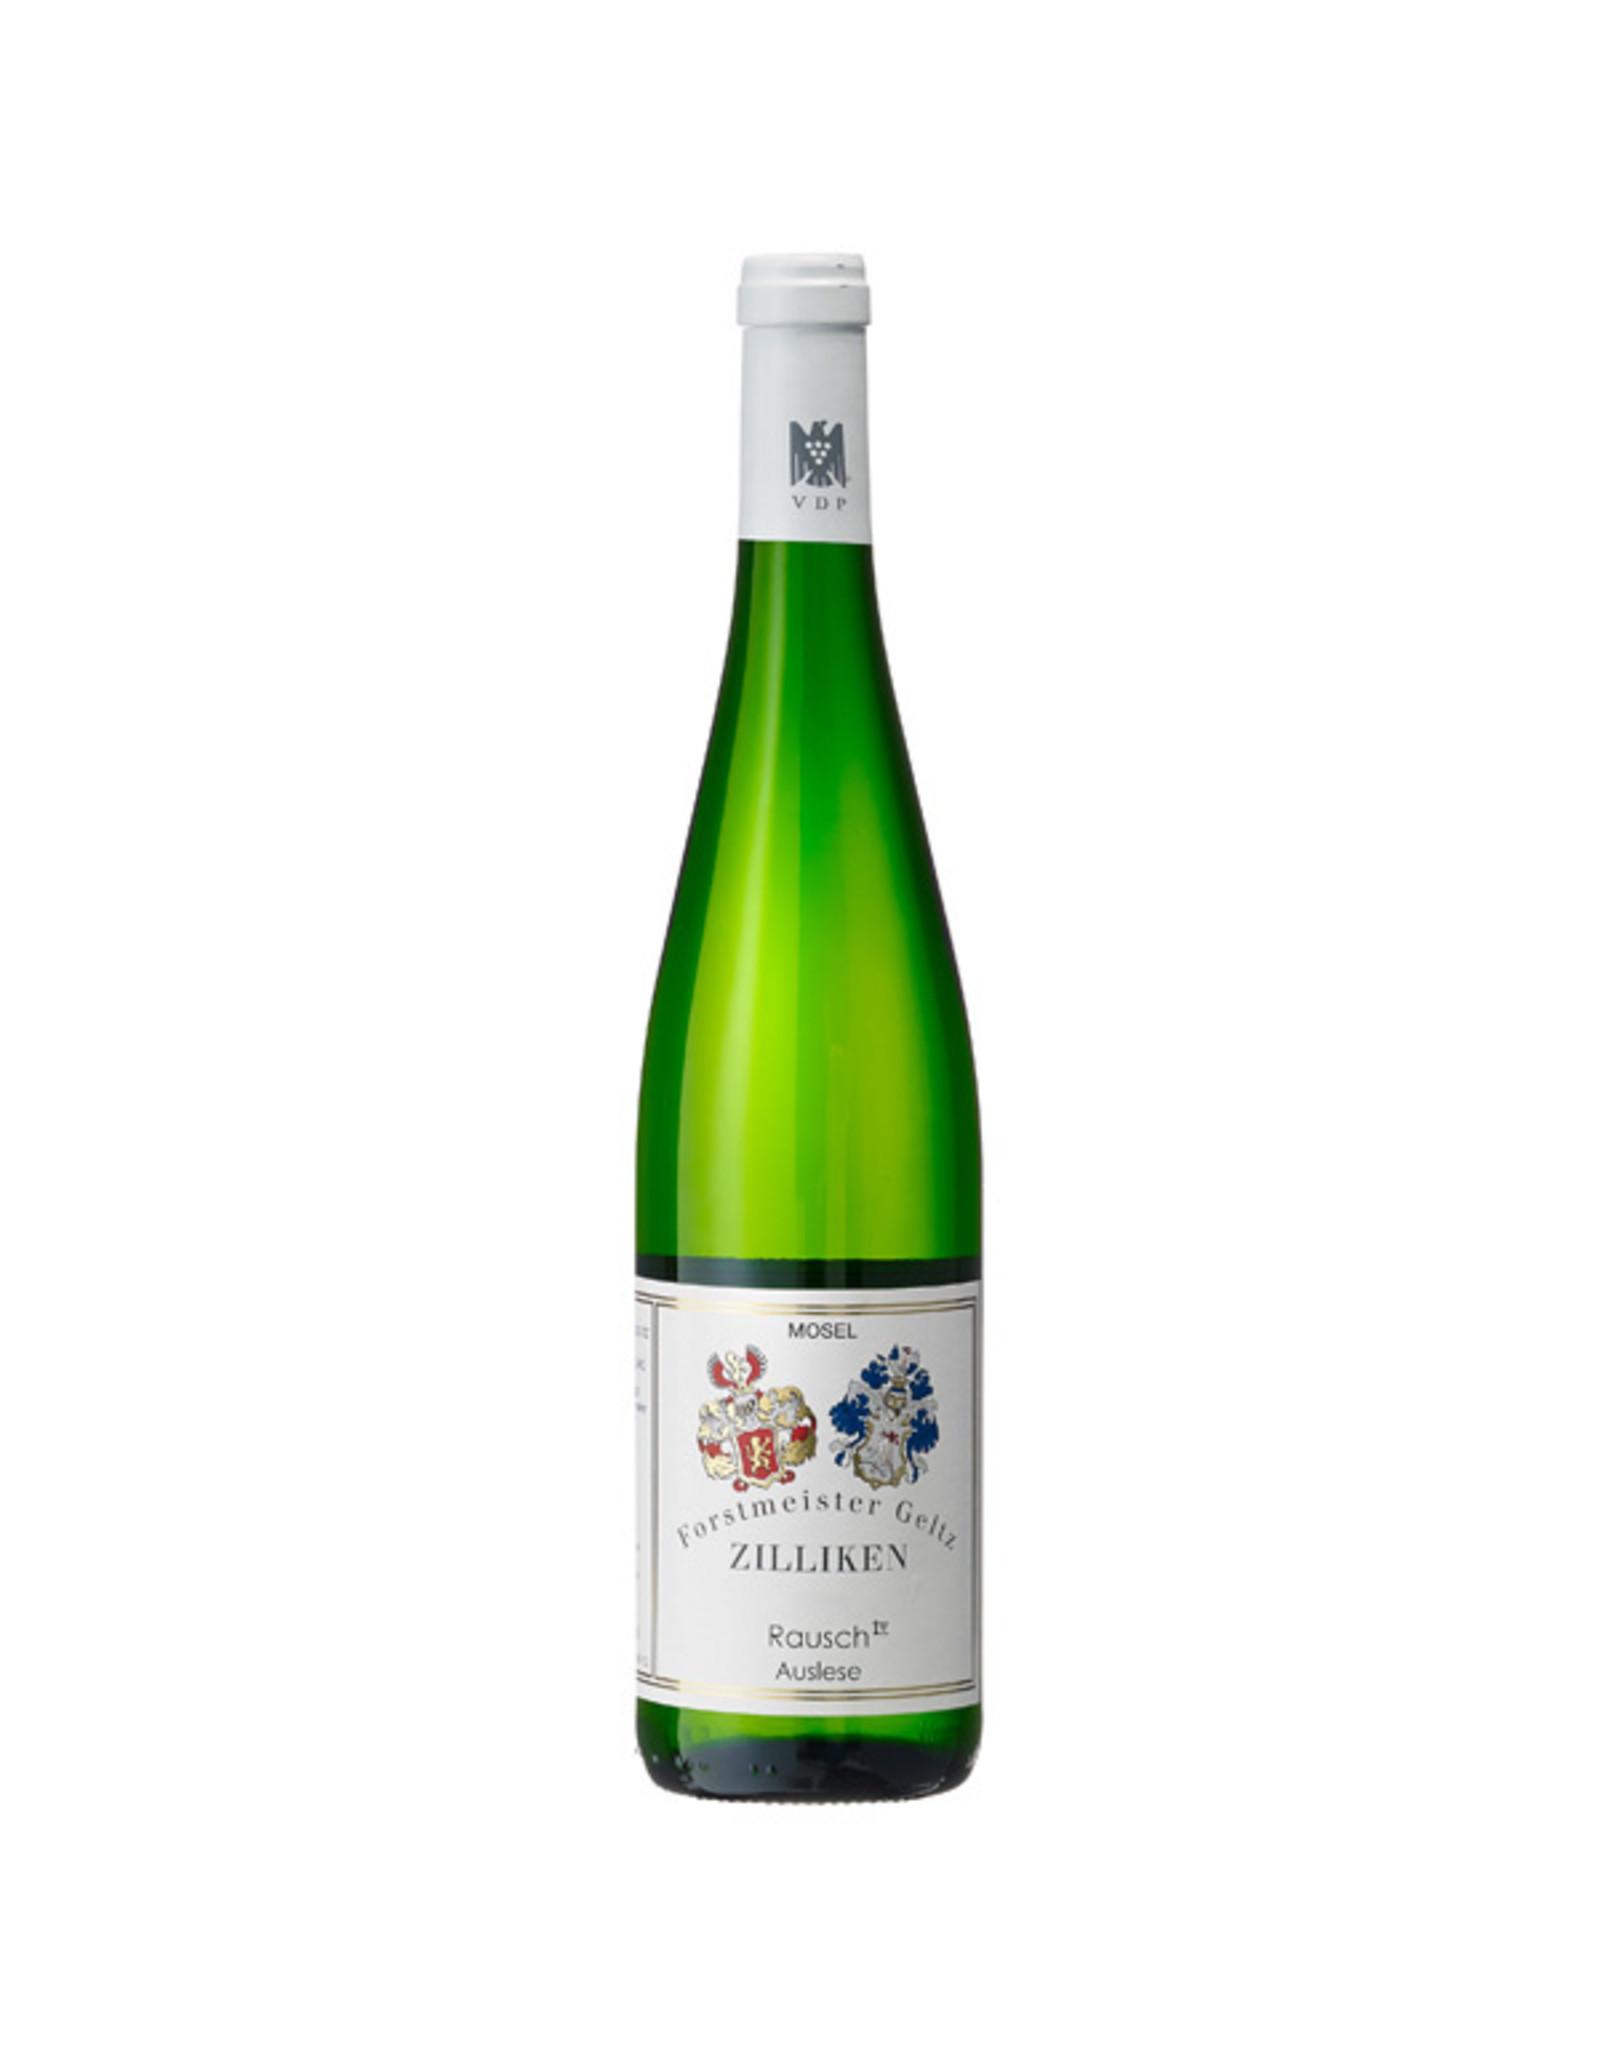 Weingut Forstmeister Geltz Zilliken, Saarburg Zilliken Rausch Auslese 2017 GK 0.75